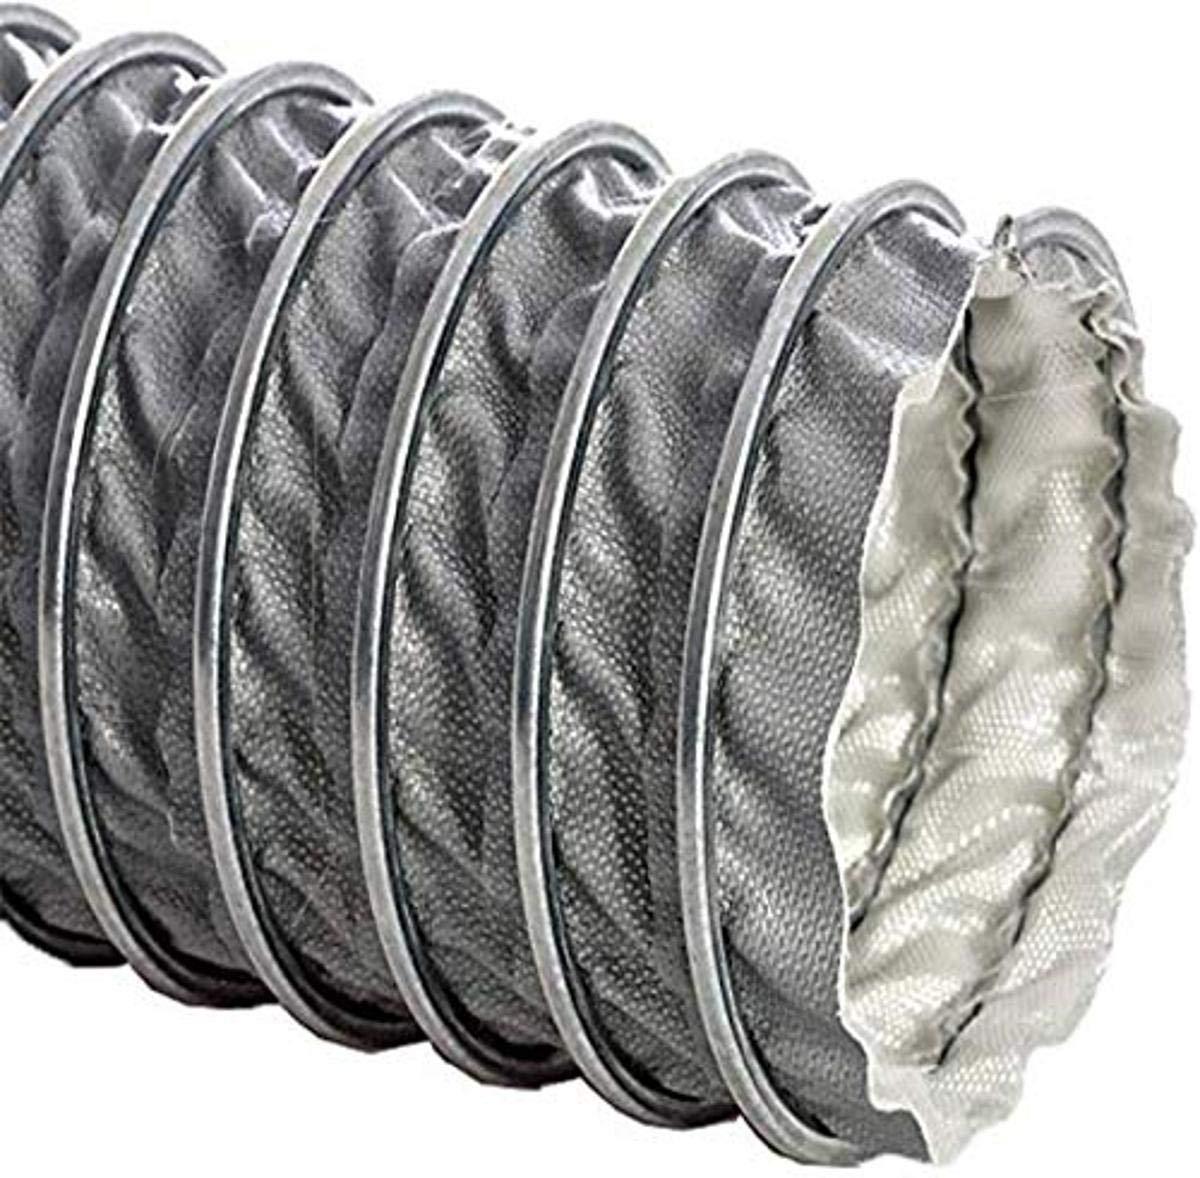 Flexaust Flex-Lok 600-10x25 Plastic Flex-Lok 600-10 10